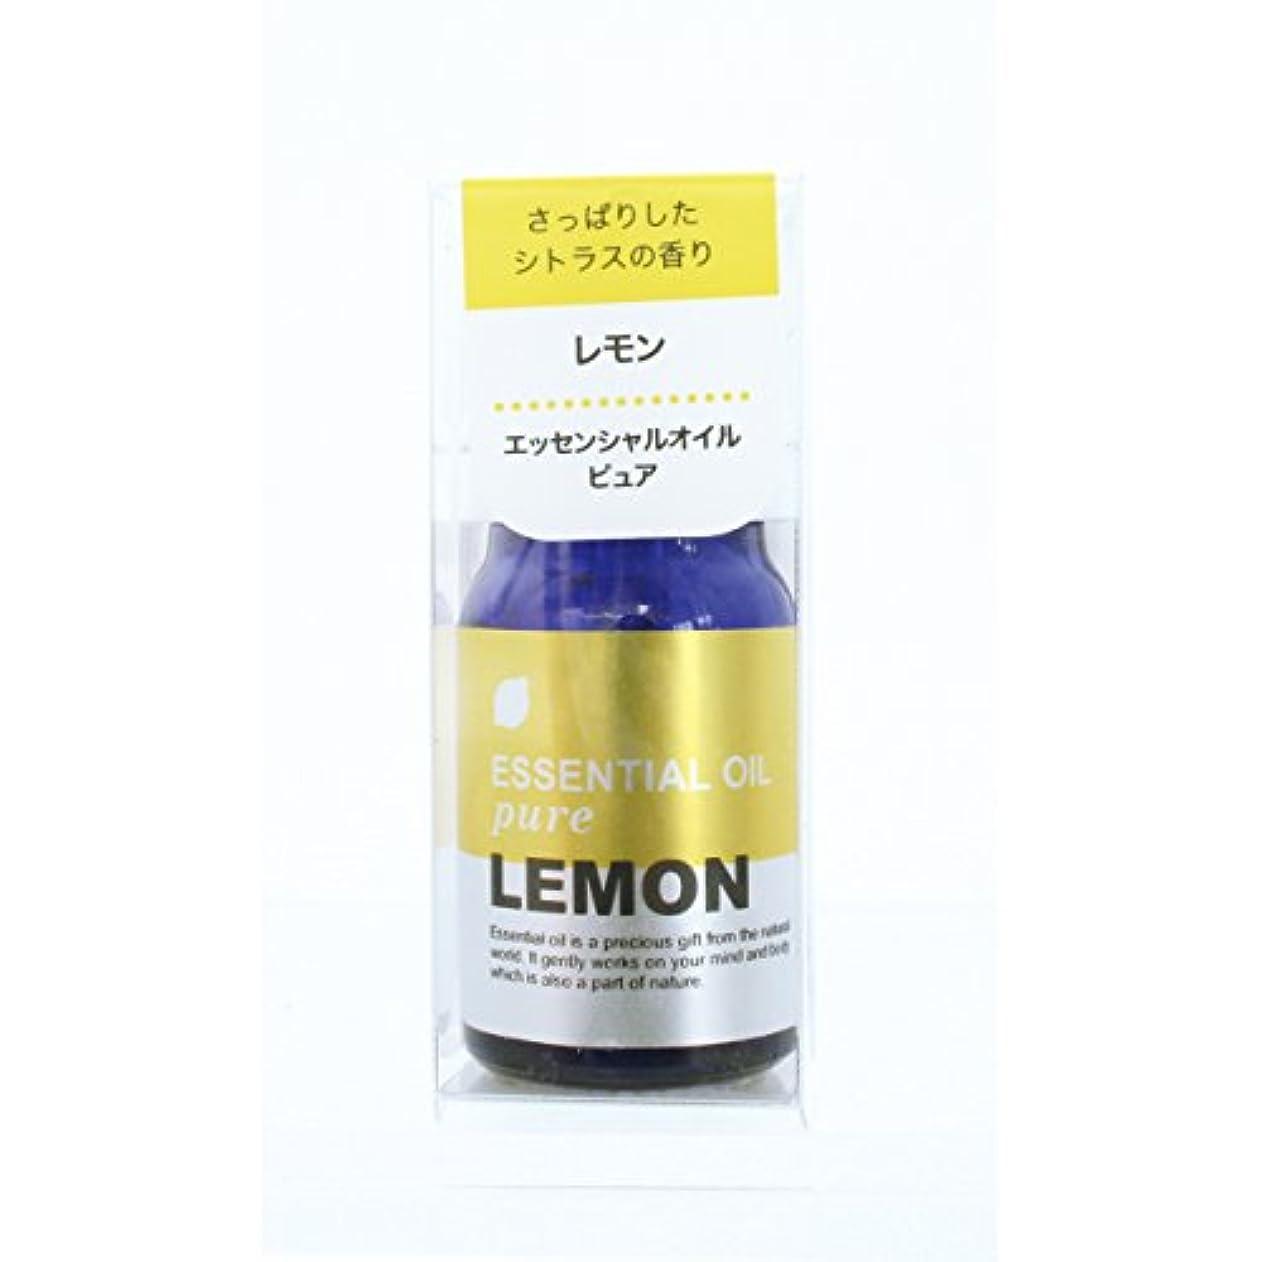 プチエッセンシャルオイル レモン